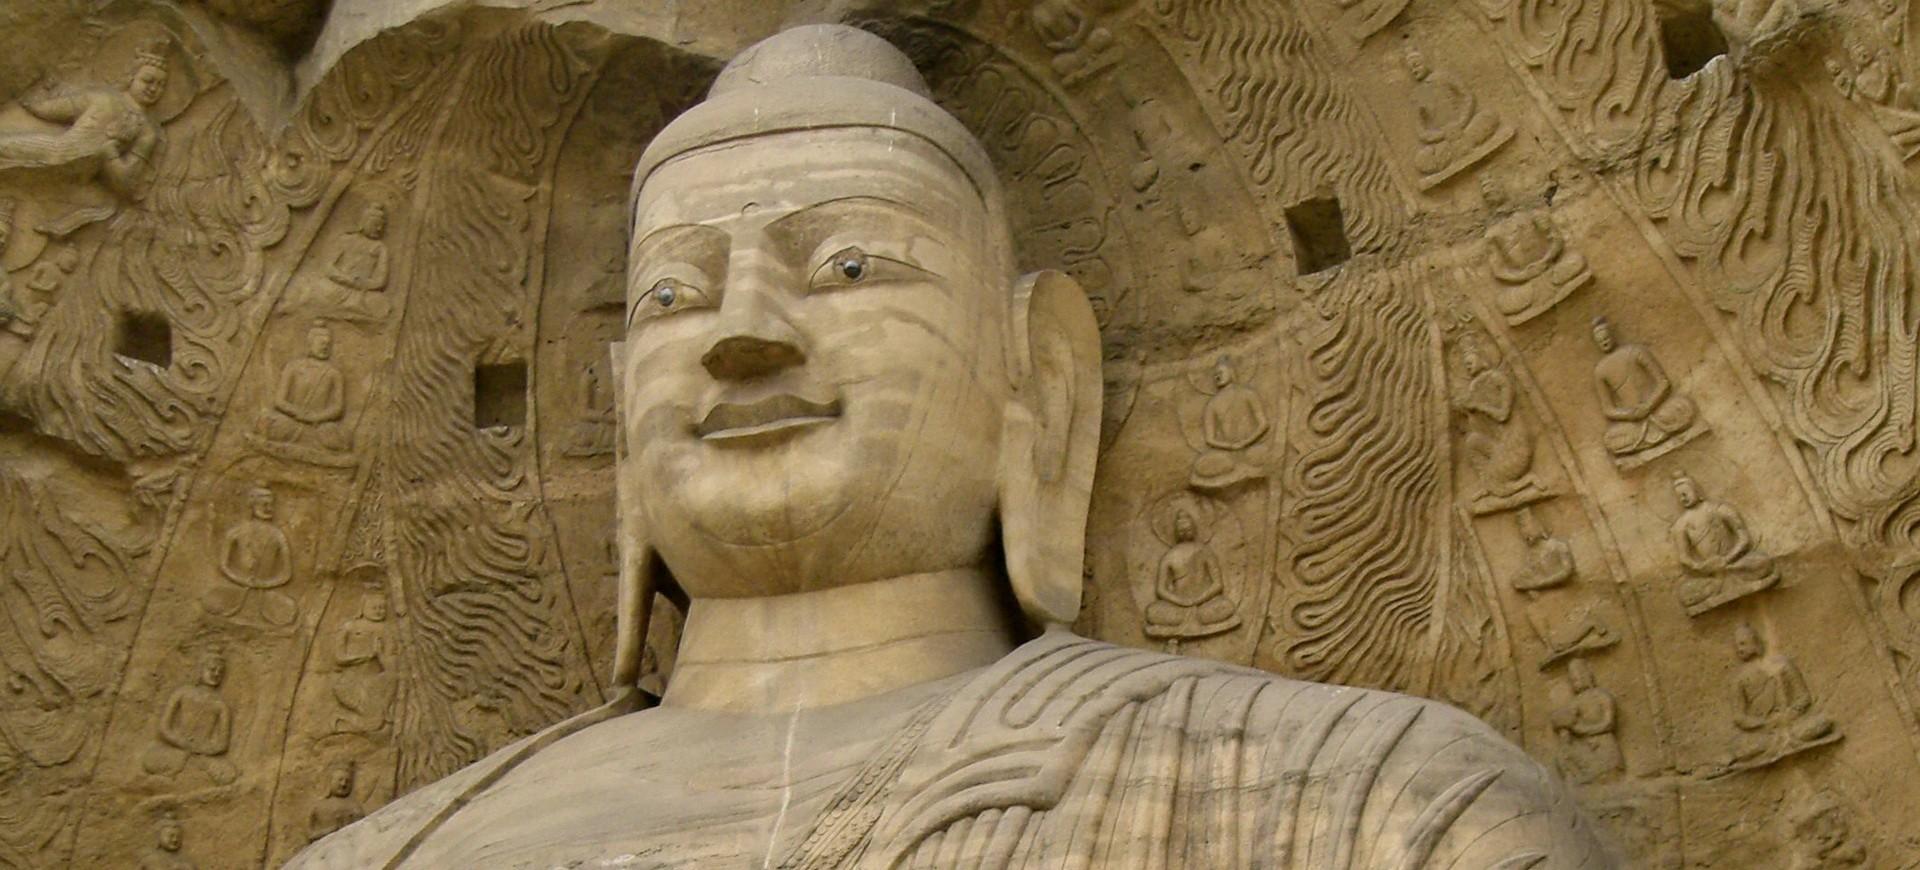 Bouddha Géant dans Grottes Yungang à Datong en Chine